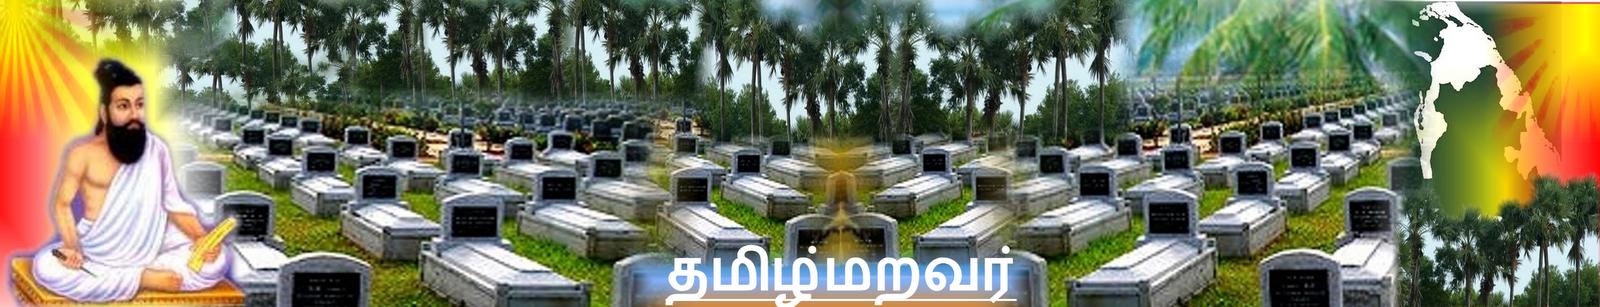 தமிழ் மறவர்